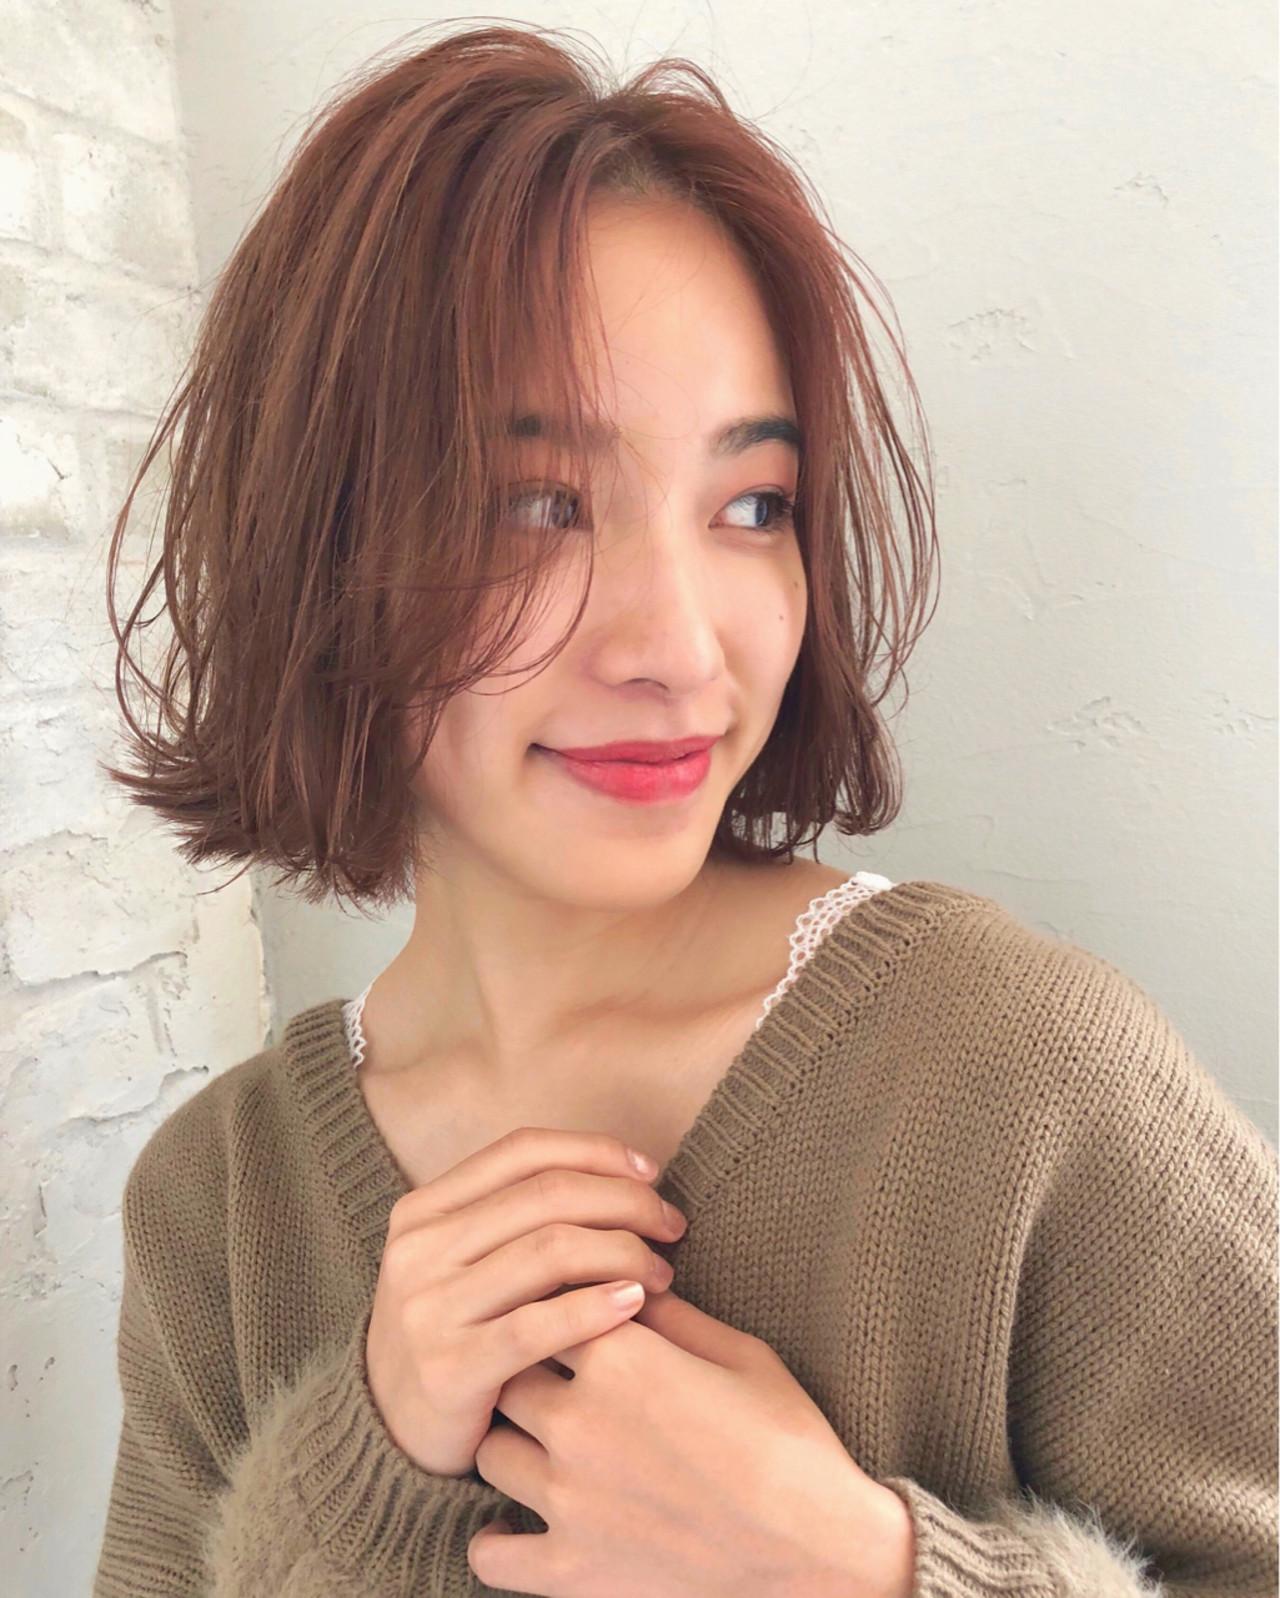 外ハネ デート こなれ感 ヘアアレンジ ヘアスタイルや髪型の写真・画像 | ナガヤ アキラ joemi 新宿 / joemi by Un ami